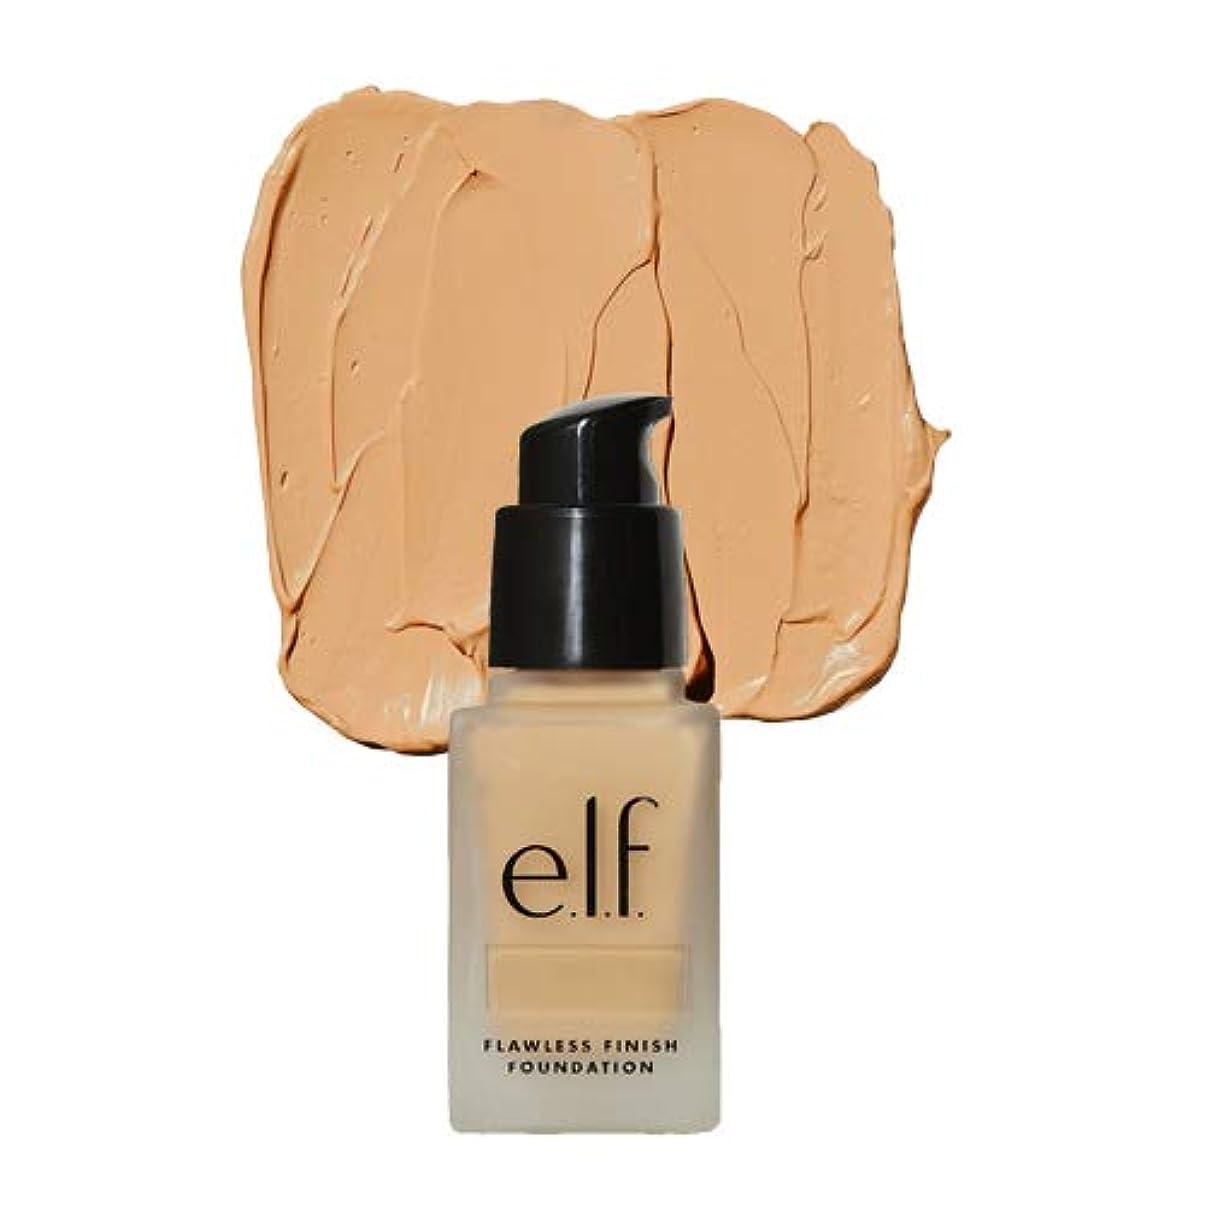 落ちた投獄絞る(3 Pack) e.l.f. Oil Free Flawless Finish Foundation - Buff (並行輸入品)